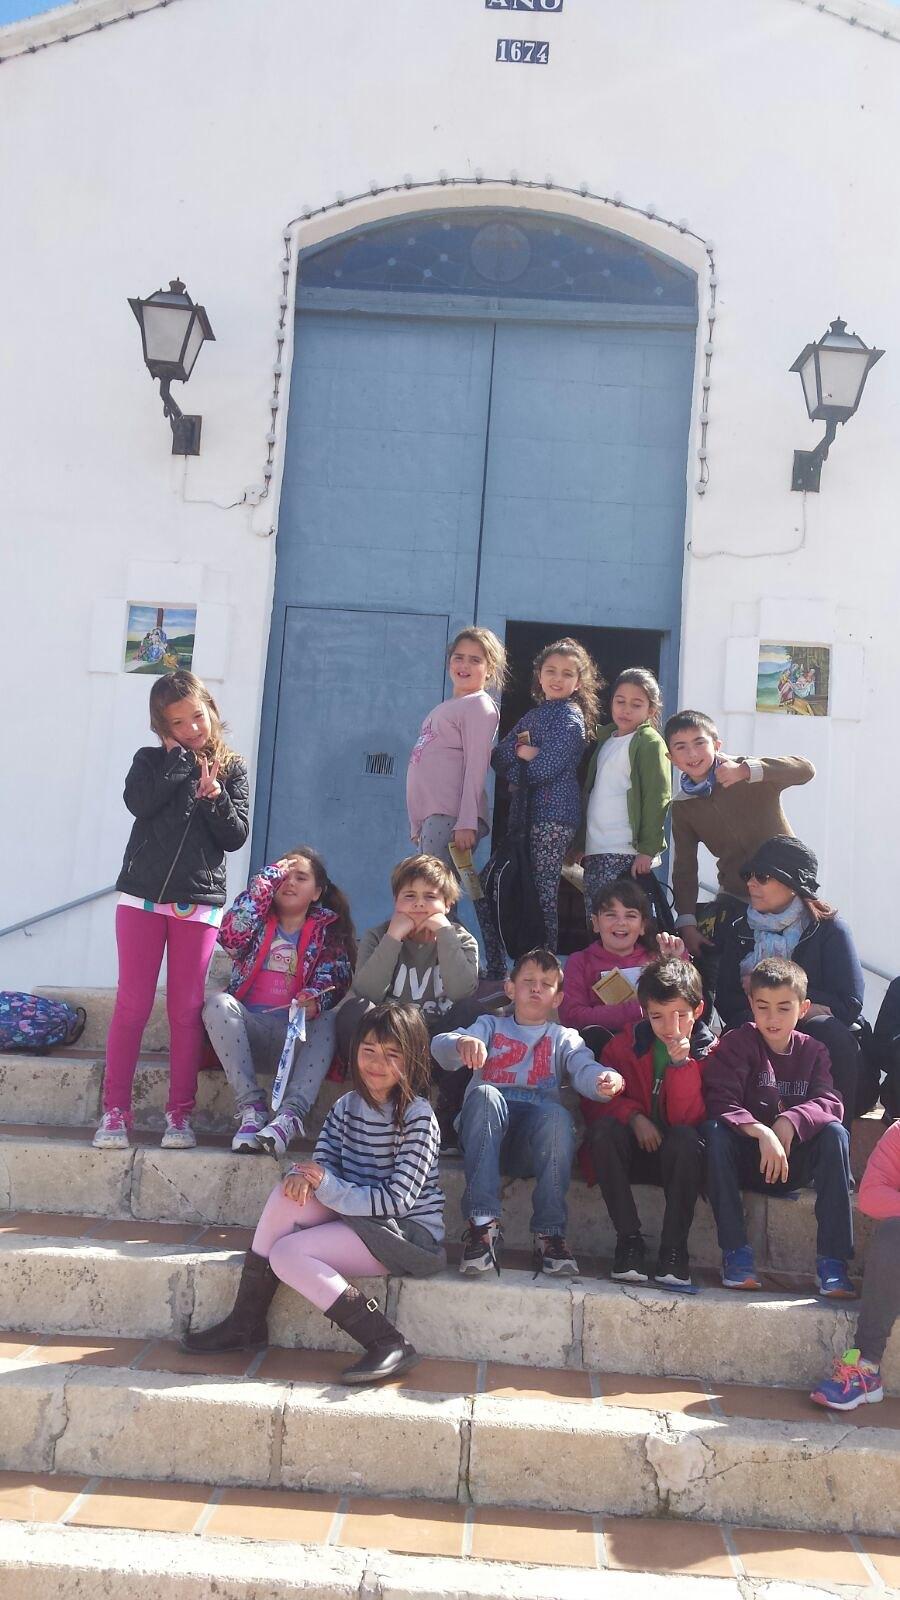 (2017-03-27) - Visita ermita alumnos Laura, profesora religión Reina Sofia - Marzo -  María Isabel Berenguer Brotons (01)